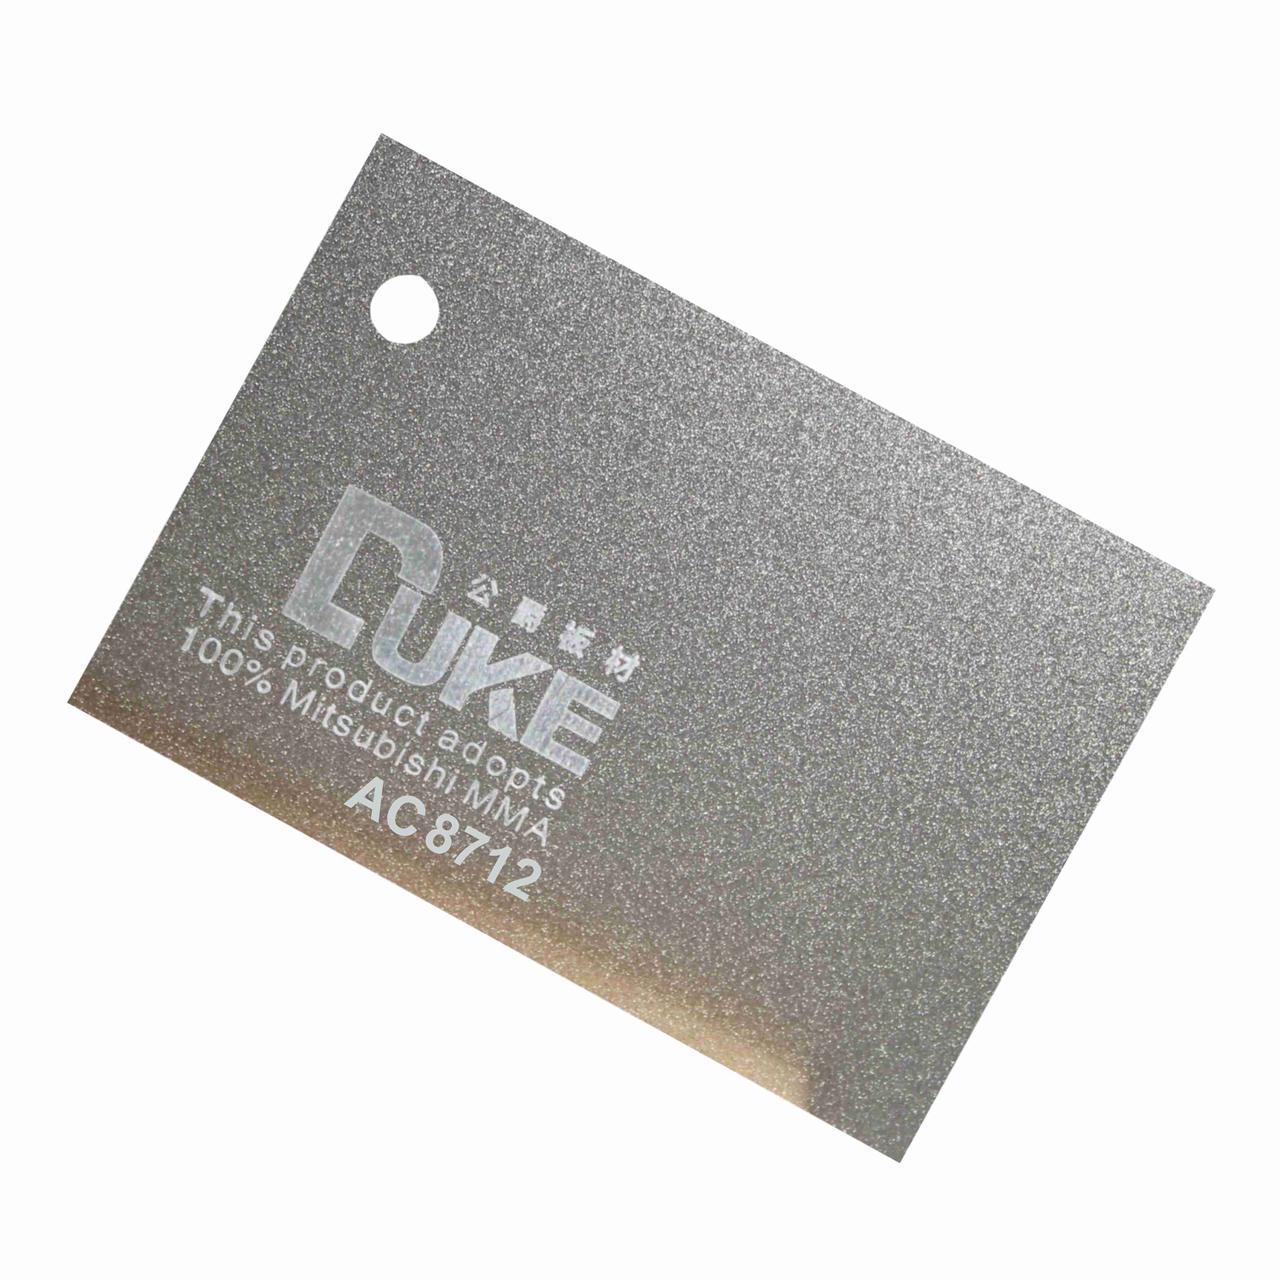 Серебристый листовой акрил с блестками №С8712 (3мм) 1,22мХ2,44м